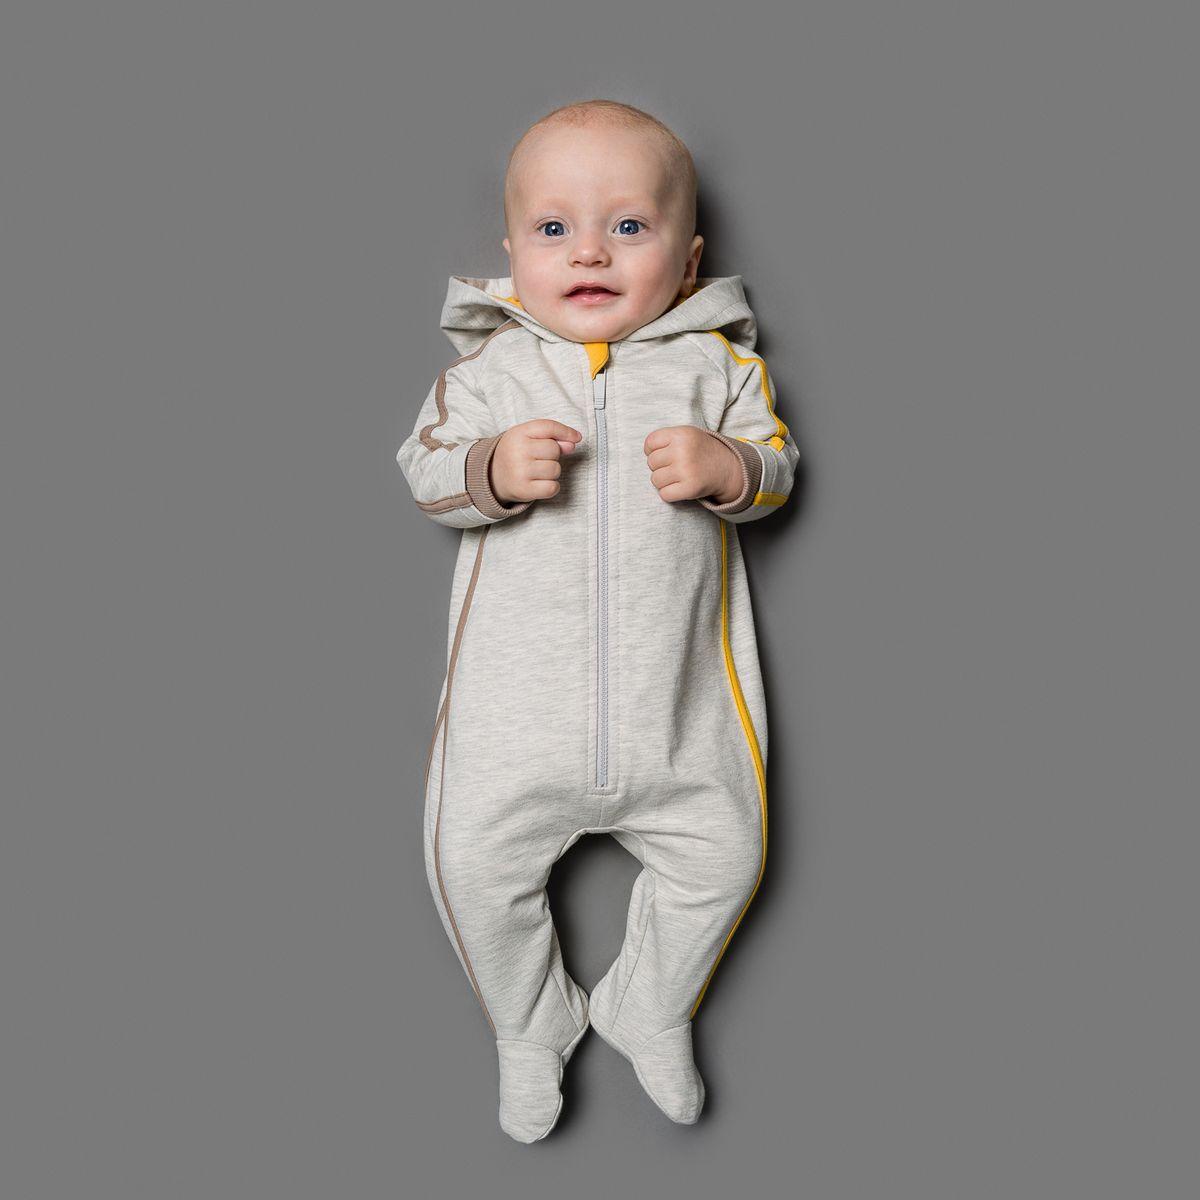 22-521Комбинезон Ёмаё, изготовленный из футера - очень удобный и практичный вид одежды для малышей. Комбинезон с капюшоном и закрытыми ножками застегивается спереди на пластиковую застежку-молнию, что помогает с легкостью переодеть ребенка. На рукавах предусмотрены широкие эластичные манжеты, не пережимающие ручки малыша. Сзади модель дополнена двумя накладными кармашками. Оформлено изделие контрастными бейками и принтом на спортивную тематику. Комбинезон полностью соответствует особенностям жизни младенца в ранний период, не стесняя и не ограничивая его в движениях!